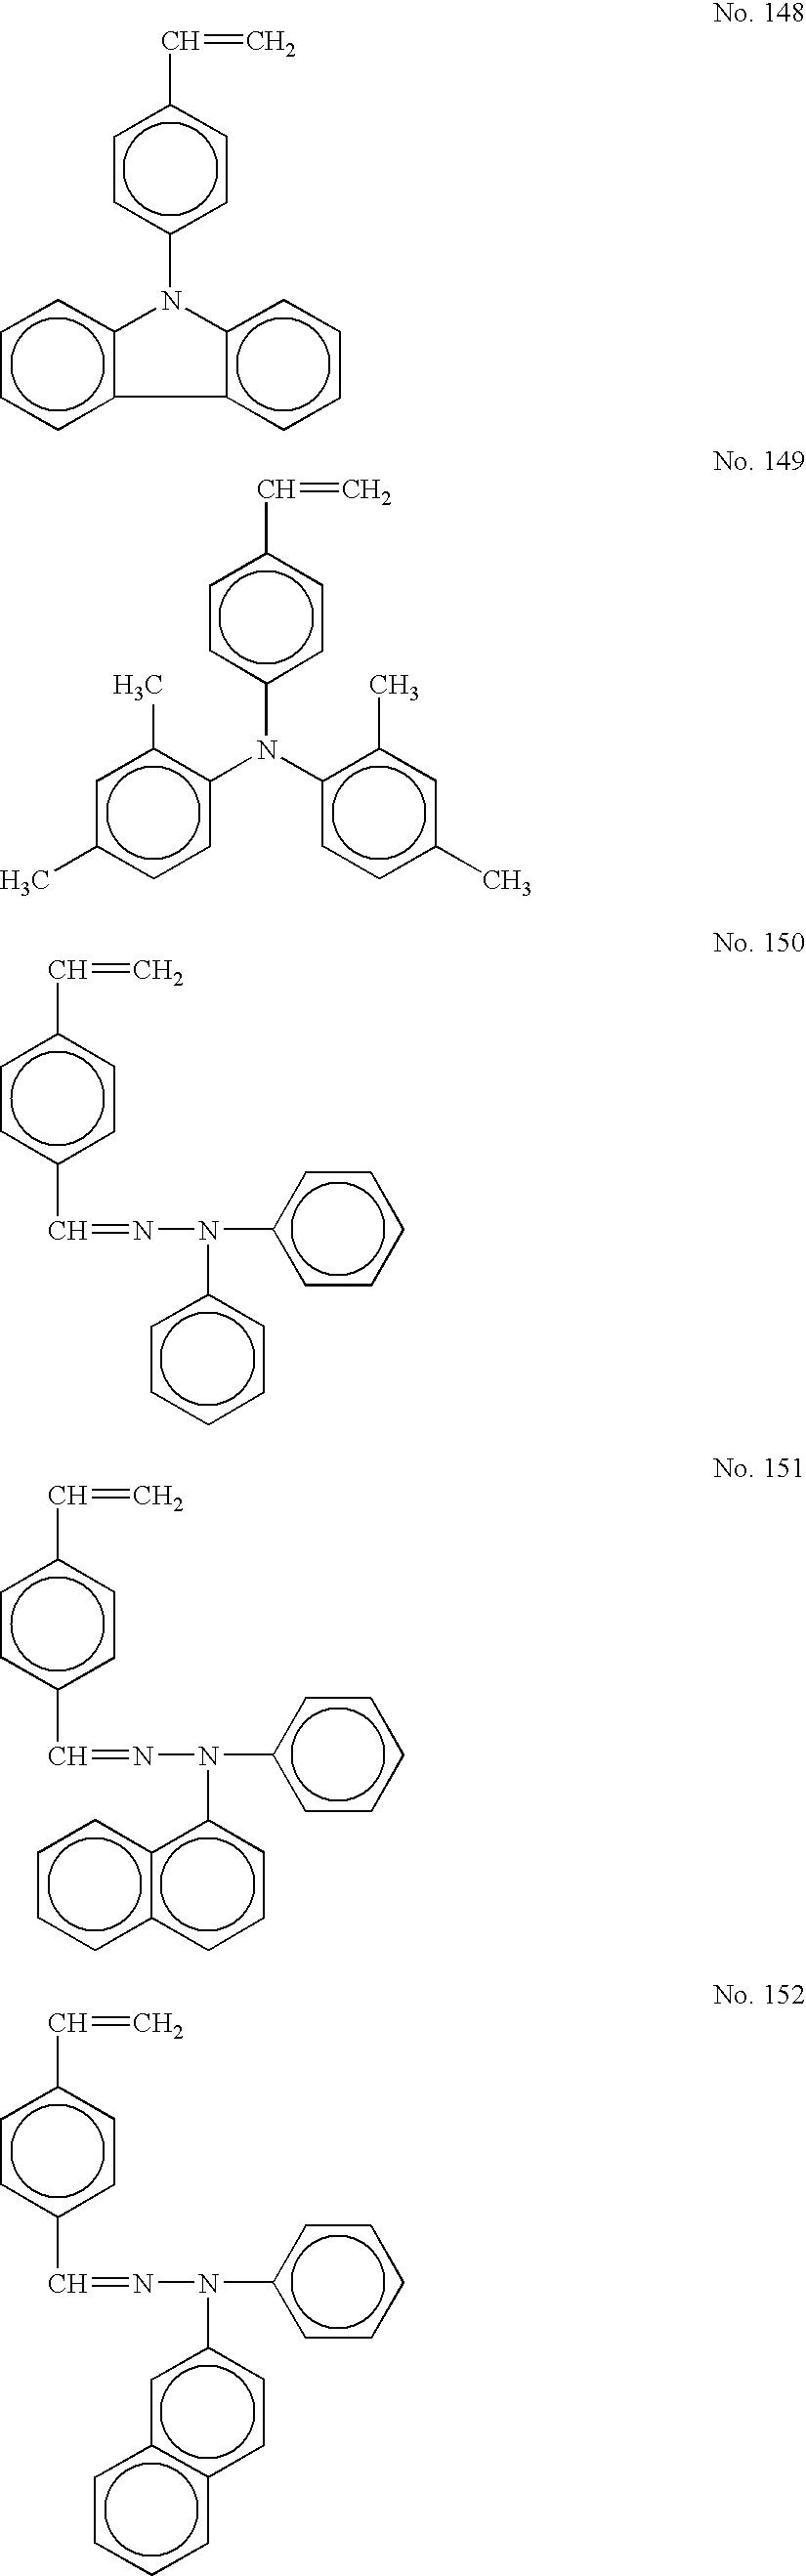 Figure US20070059619A1-20070315-C00048